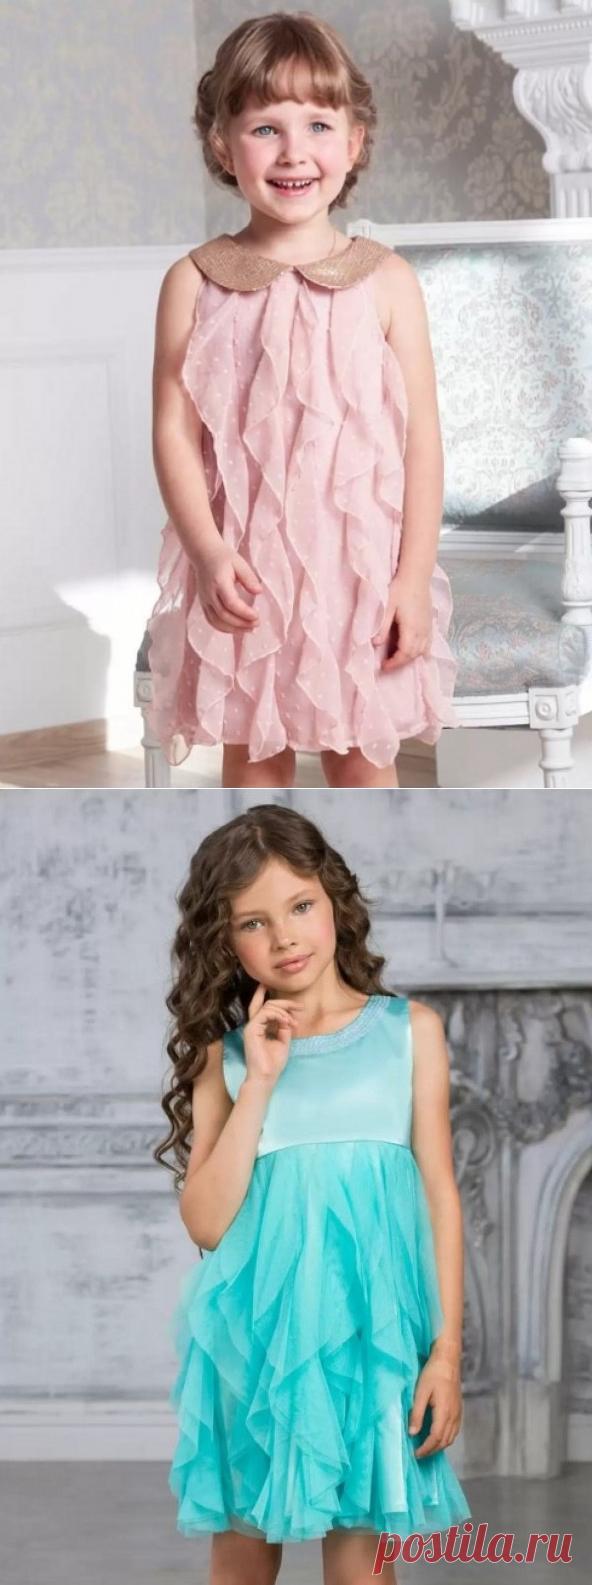 Воланы для детского платья — Сделай сам, идеи для творчества - DIY Ideas